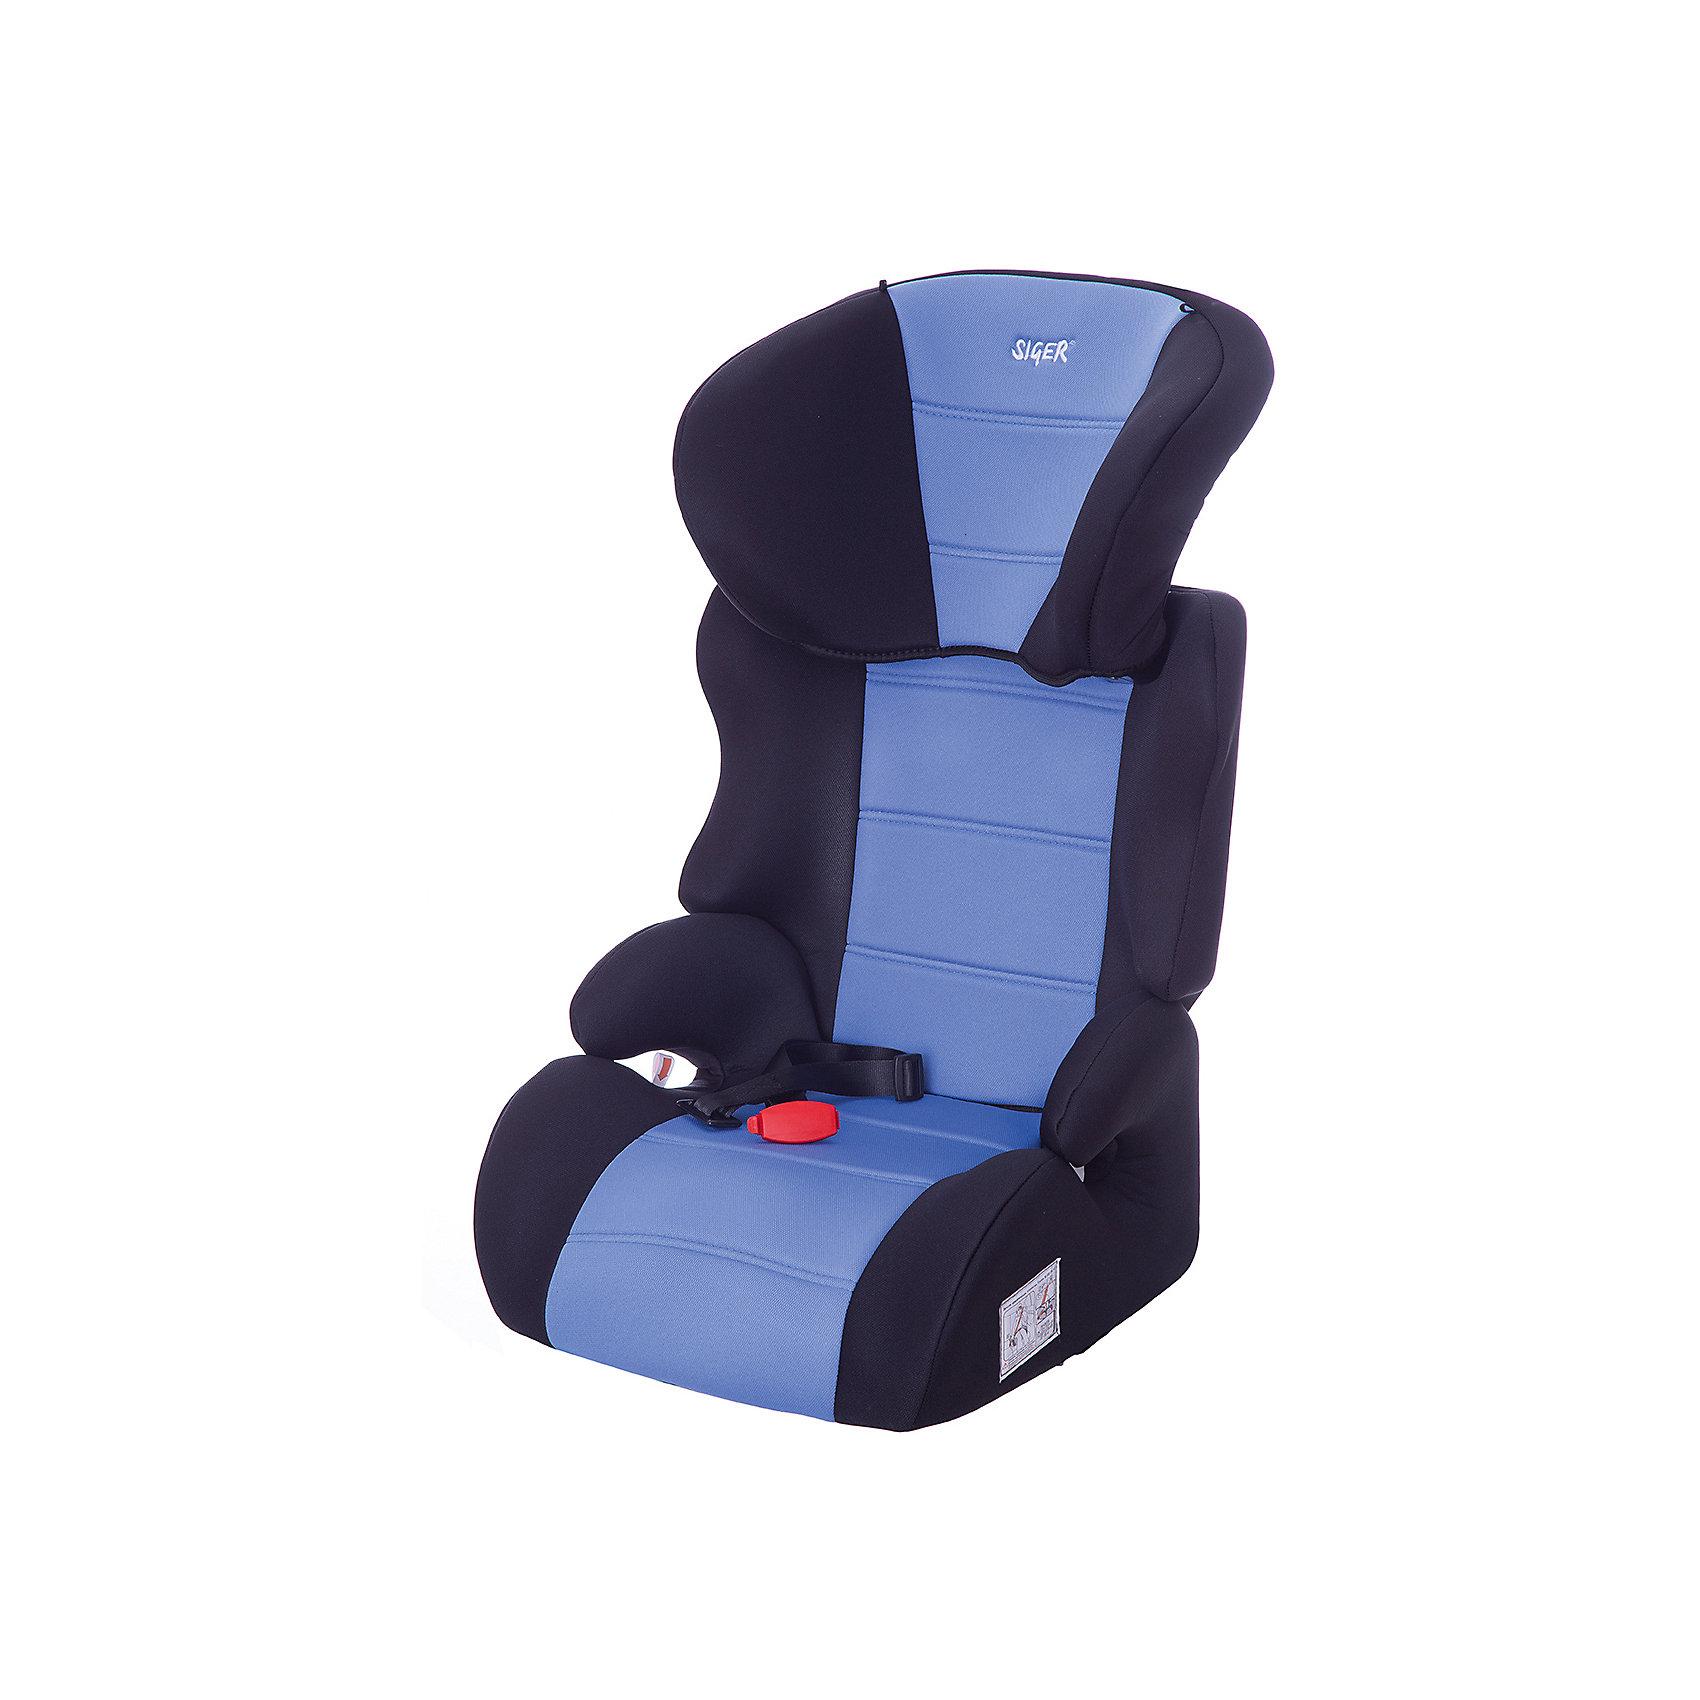 Автокресло Siger Смарт, 15-36 кг, голубойГруппа 2-3 (От 15 до 36 кг)<br>Автокресло Смарт - прекрасное кресло для уже подросших малышей! Ортопедическая спинка и уникальная форма подголовника защитят ребенка от боковых ударов. Спинка регулируется в 3 положениях, что позволяет креслу адаптироваться под наклон сидений автомобиля. Подголовник регулируется в 6 положениях, подстраиваясь под рост ребенка. Округлая форма сиденья предохраняет ножки малышей от затекания и натирания в процессе езды. Когда ваш ребенок подрастет, вы легко сможете трансформировать автокресло в удобный бустер. Модель изготовлена из высококачественных прочных материалов, имеет износостойкий внешний  чехол, который легко снимается для стирки. <br><br>Дополнительная информация:<br><br>- Материал: пластик, текстиль.<br>- Вес ребенка: 15-36 кг. ( 3-12 лет).<br>- Группа 2-3.<br>- Ширина посадочного места: 31 см.<br>- Глубина посадочного места: 33 см.<br>- Высота посадочного места: 10 см.<br>- Высота кресла: 70см.<br>- Ширина кресла: 45см <br>- Вес кресла: 4,7 кг.<br>- Регулировка спинки: в 3-х положениях.<br>- Регулировка подголовника: в 6-ти положениях.<br>- Ортопедическая спинка.<br>- Трансформируется в бустер.<br>- Цвет: голубой. <br>- Стирка: ручная, машинная ( при 30 ? ).<br>- Способ установки: лицом вперед.<br><br>Автокресло Смарт, 15-36 кг., Siger (Сигер), голубое, можно купить в нашем магазине.<br><br>Ширина мм: 515<br>Глубина мм: 450<br>Высота мм: 700<br>Вес г: 4700<br>Возраст от месяцев: 36<br>Возраст до месяцев: 144<br>Пол: Унисекс<br>Возраст: Детский<br>SKU: 3999714